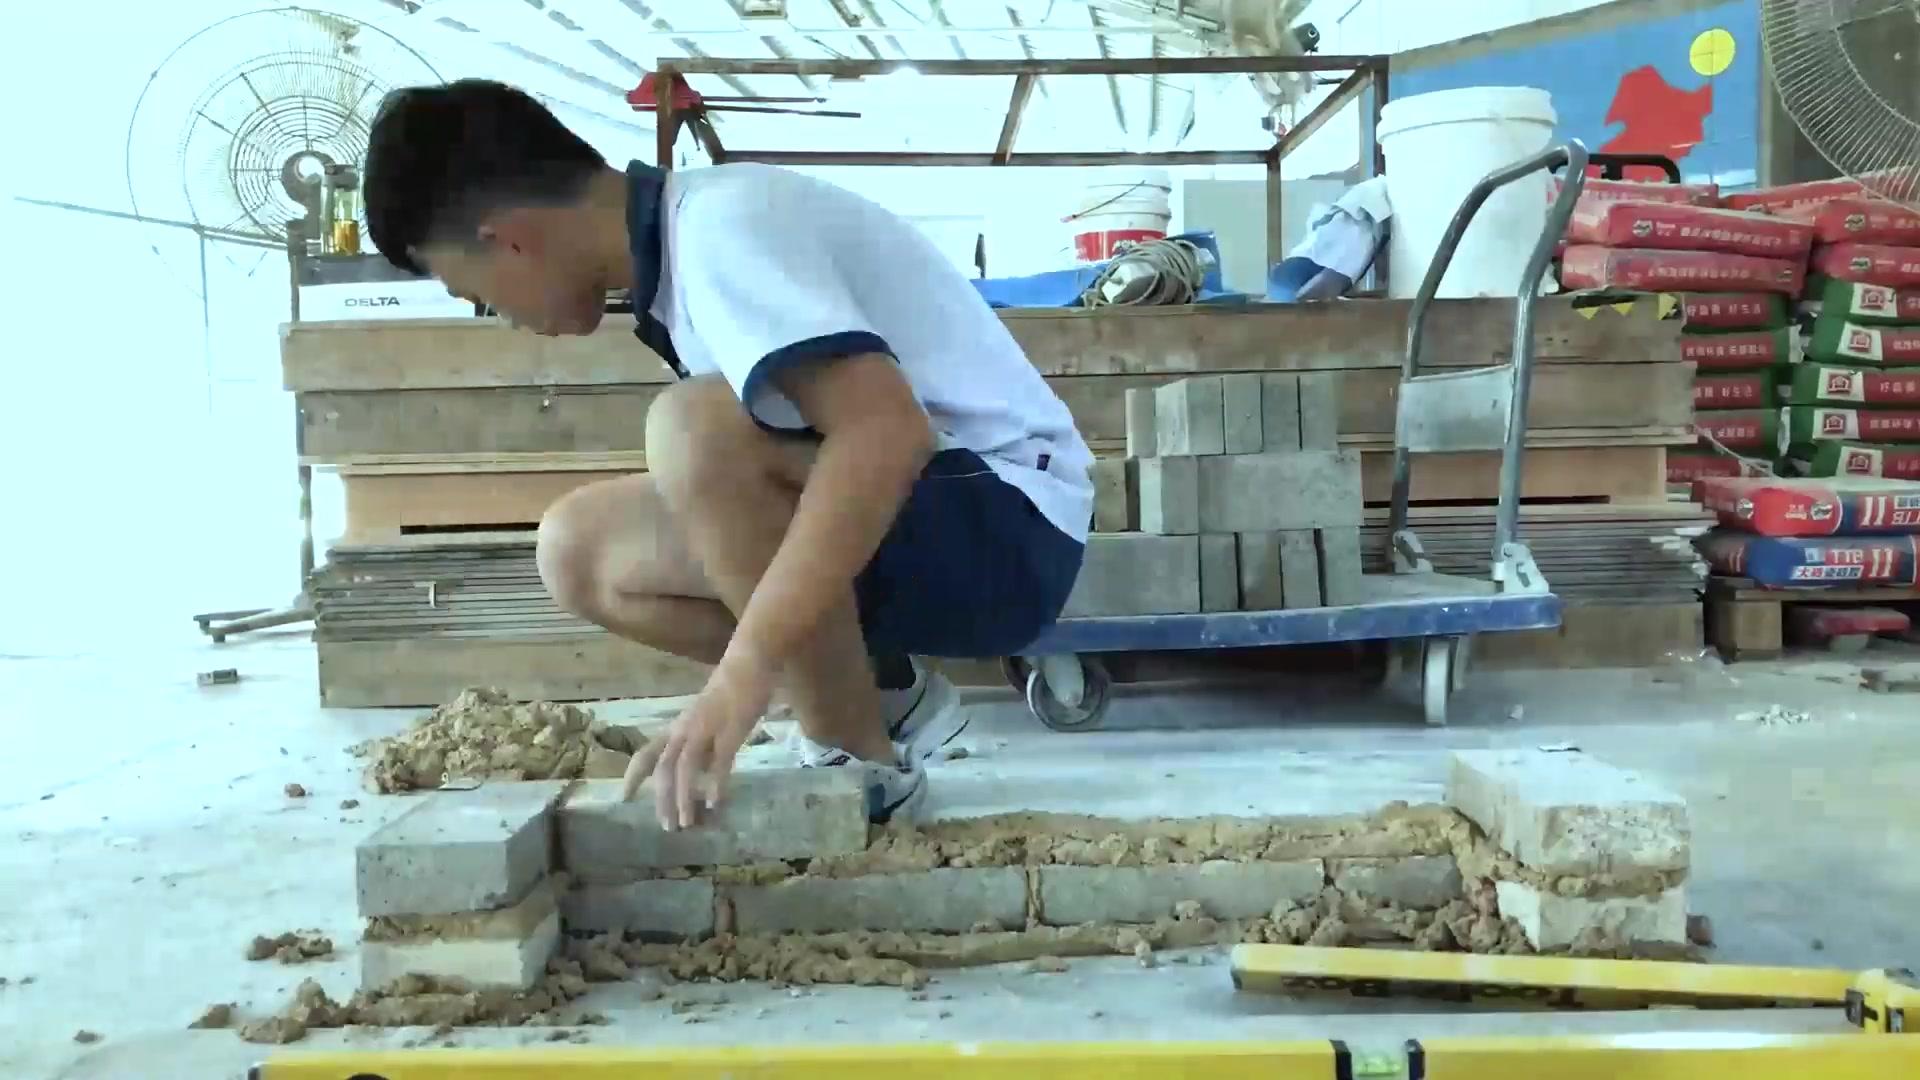 微电影大赛   《砌筑人生》广州市建筑工程职业学校